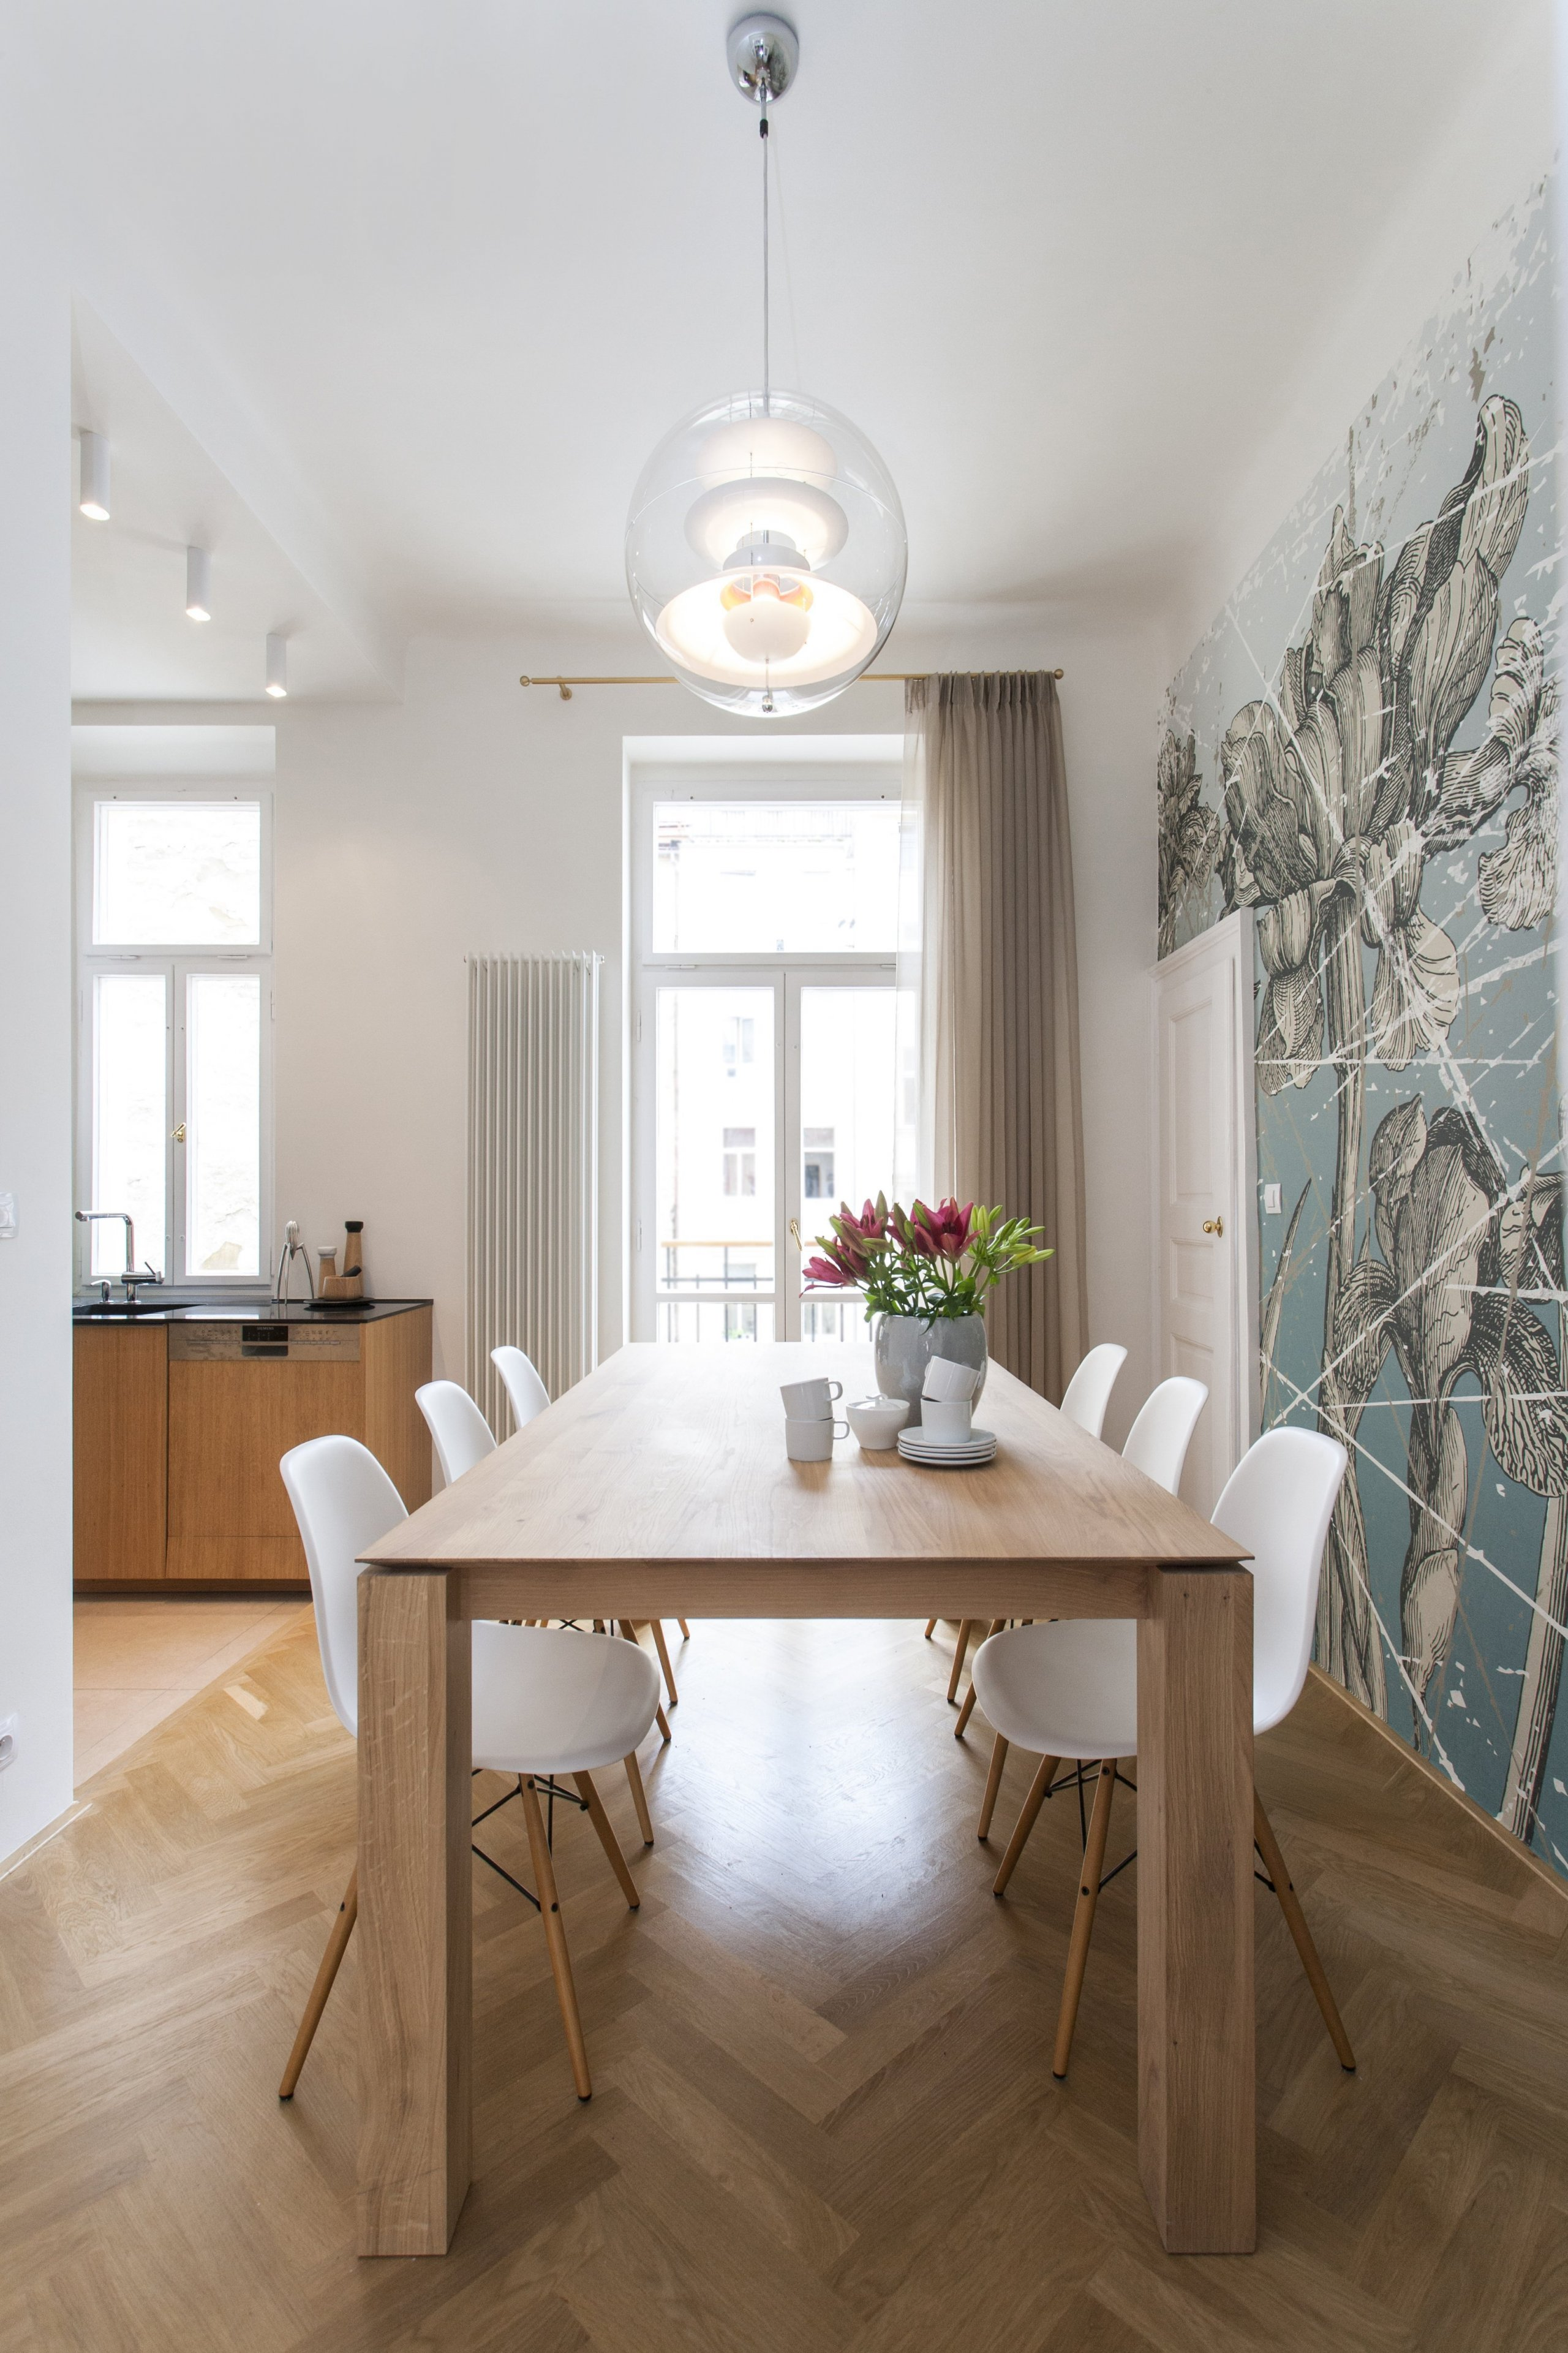 Byt dýchá příjemnou atmosférou,dům je ze 30. let 20. století v klidné ulici přímo v centru pražského dění. Při rekonstrukci se podařílo zachovat řadu…